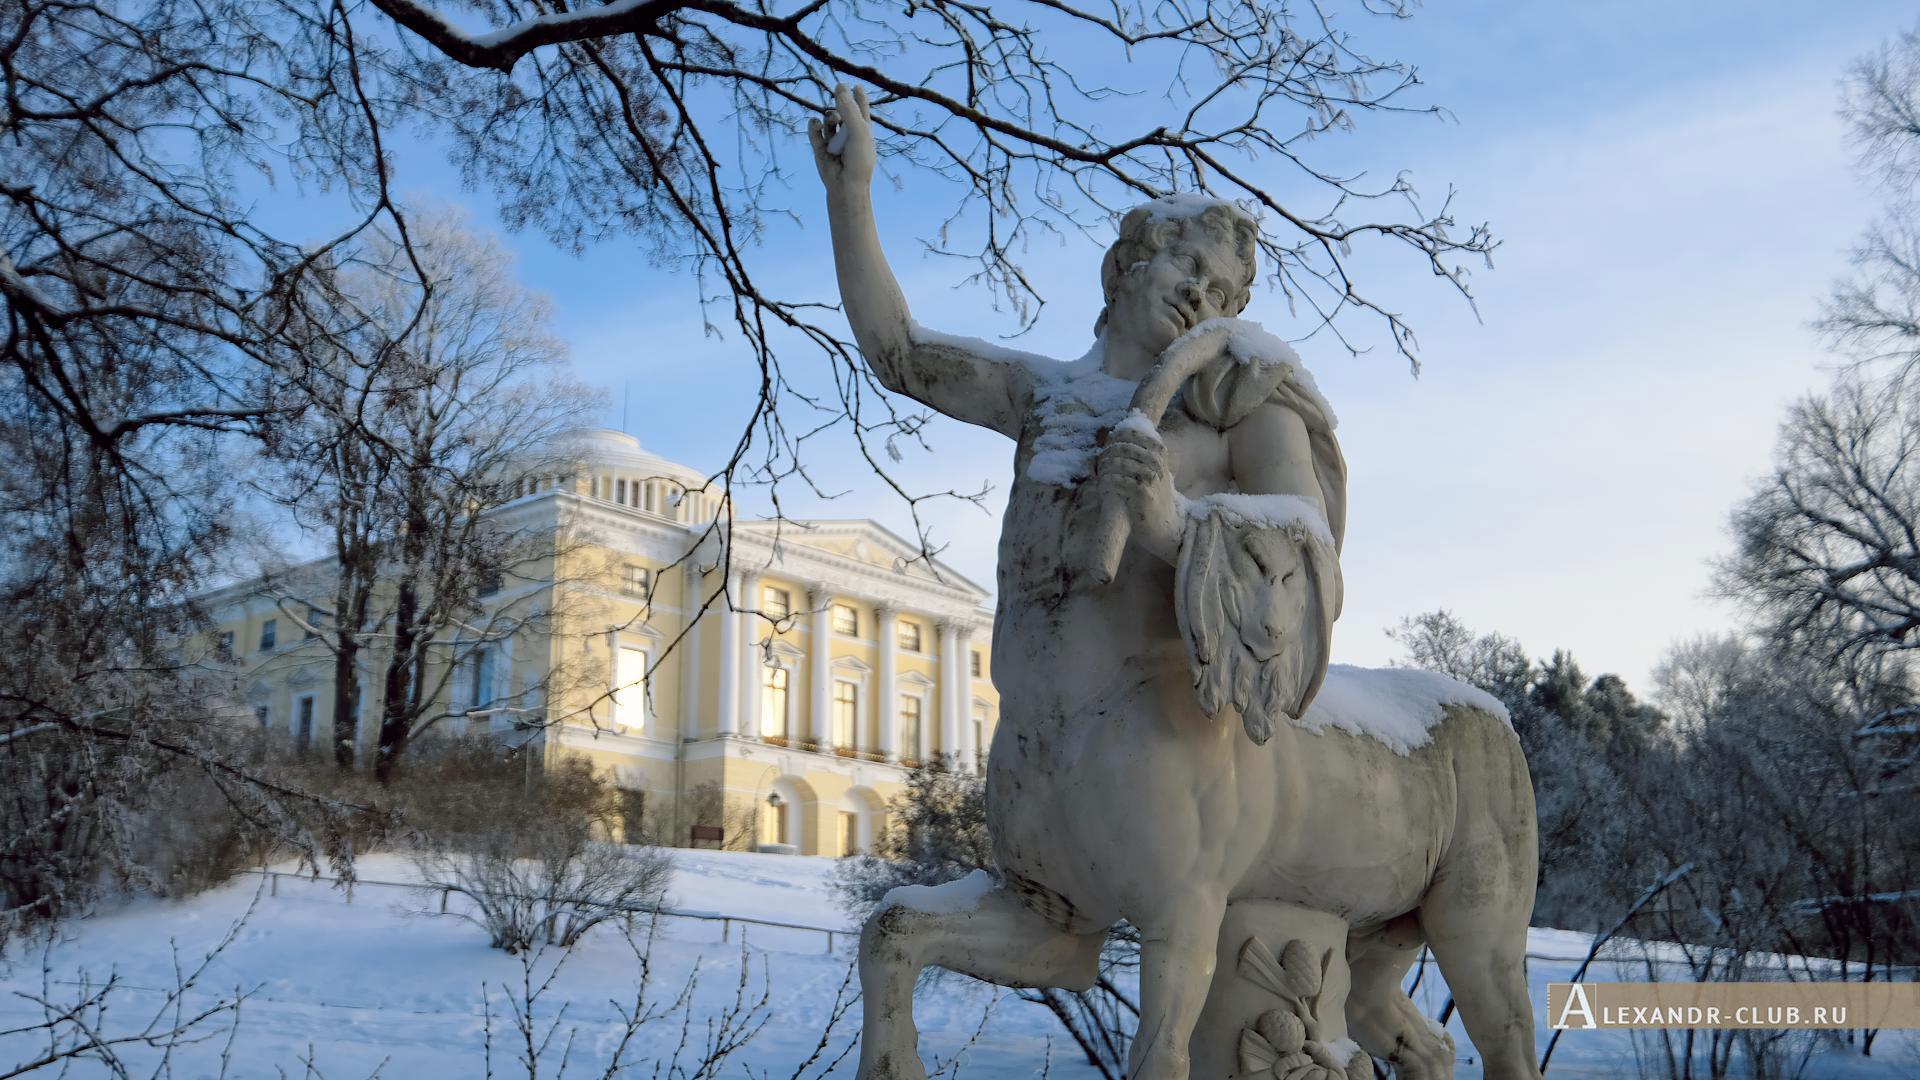 Павловск, зима, Павловский парк, мост Кентавров, Павловский дворец